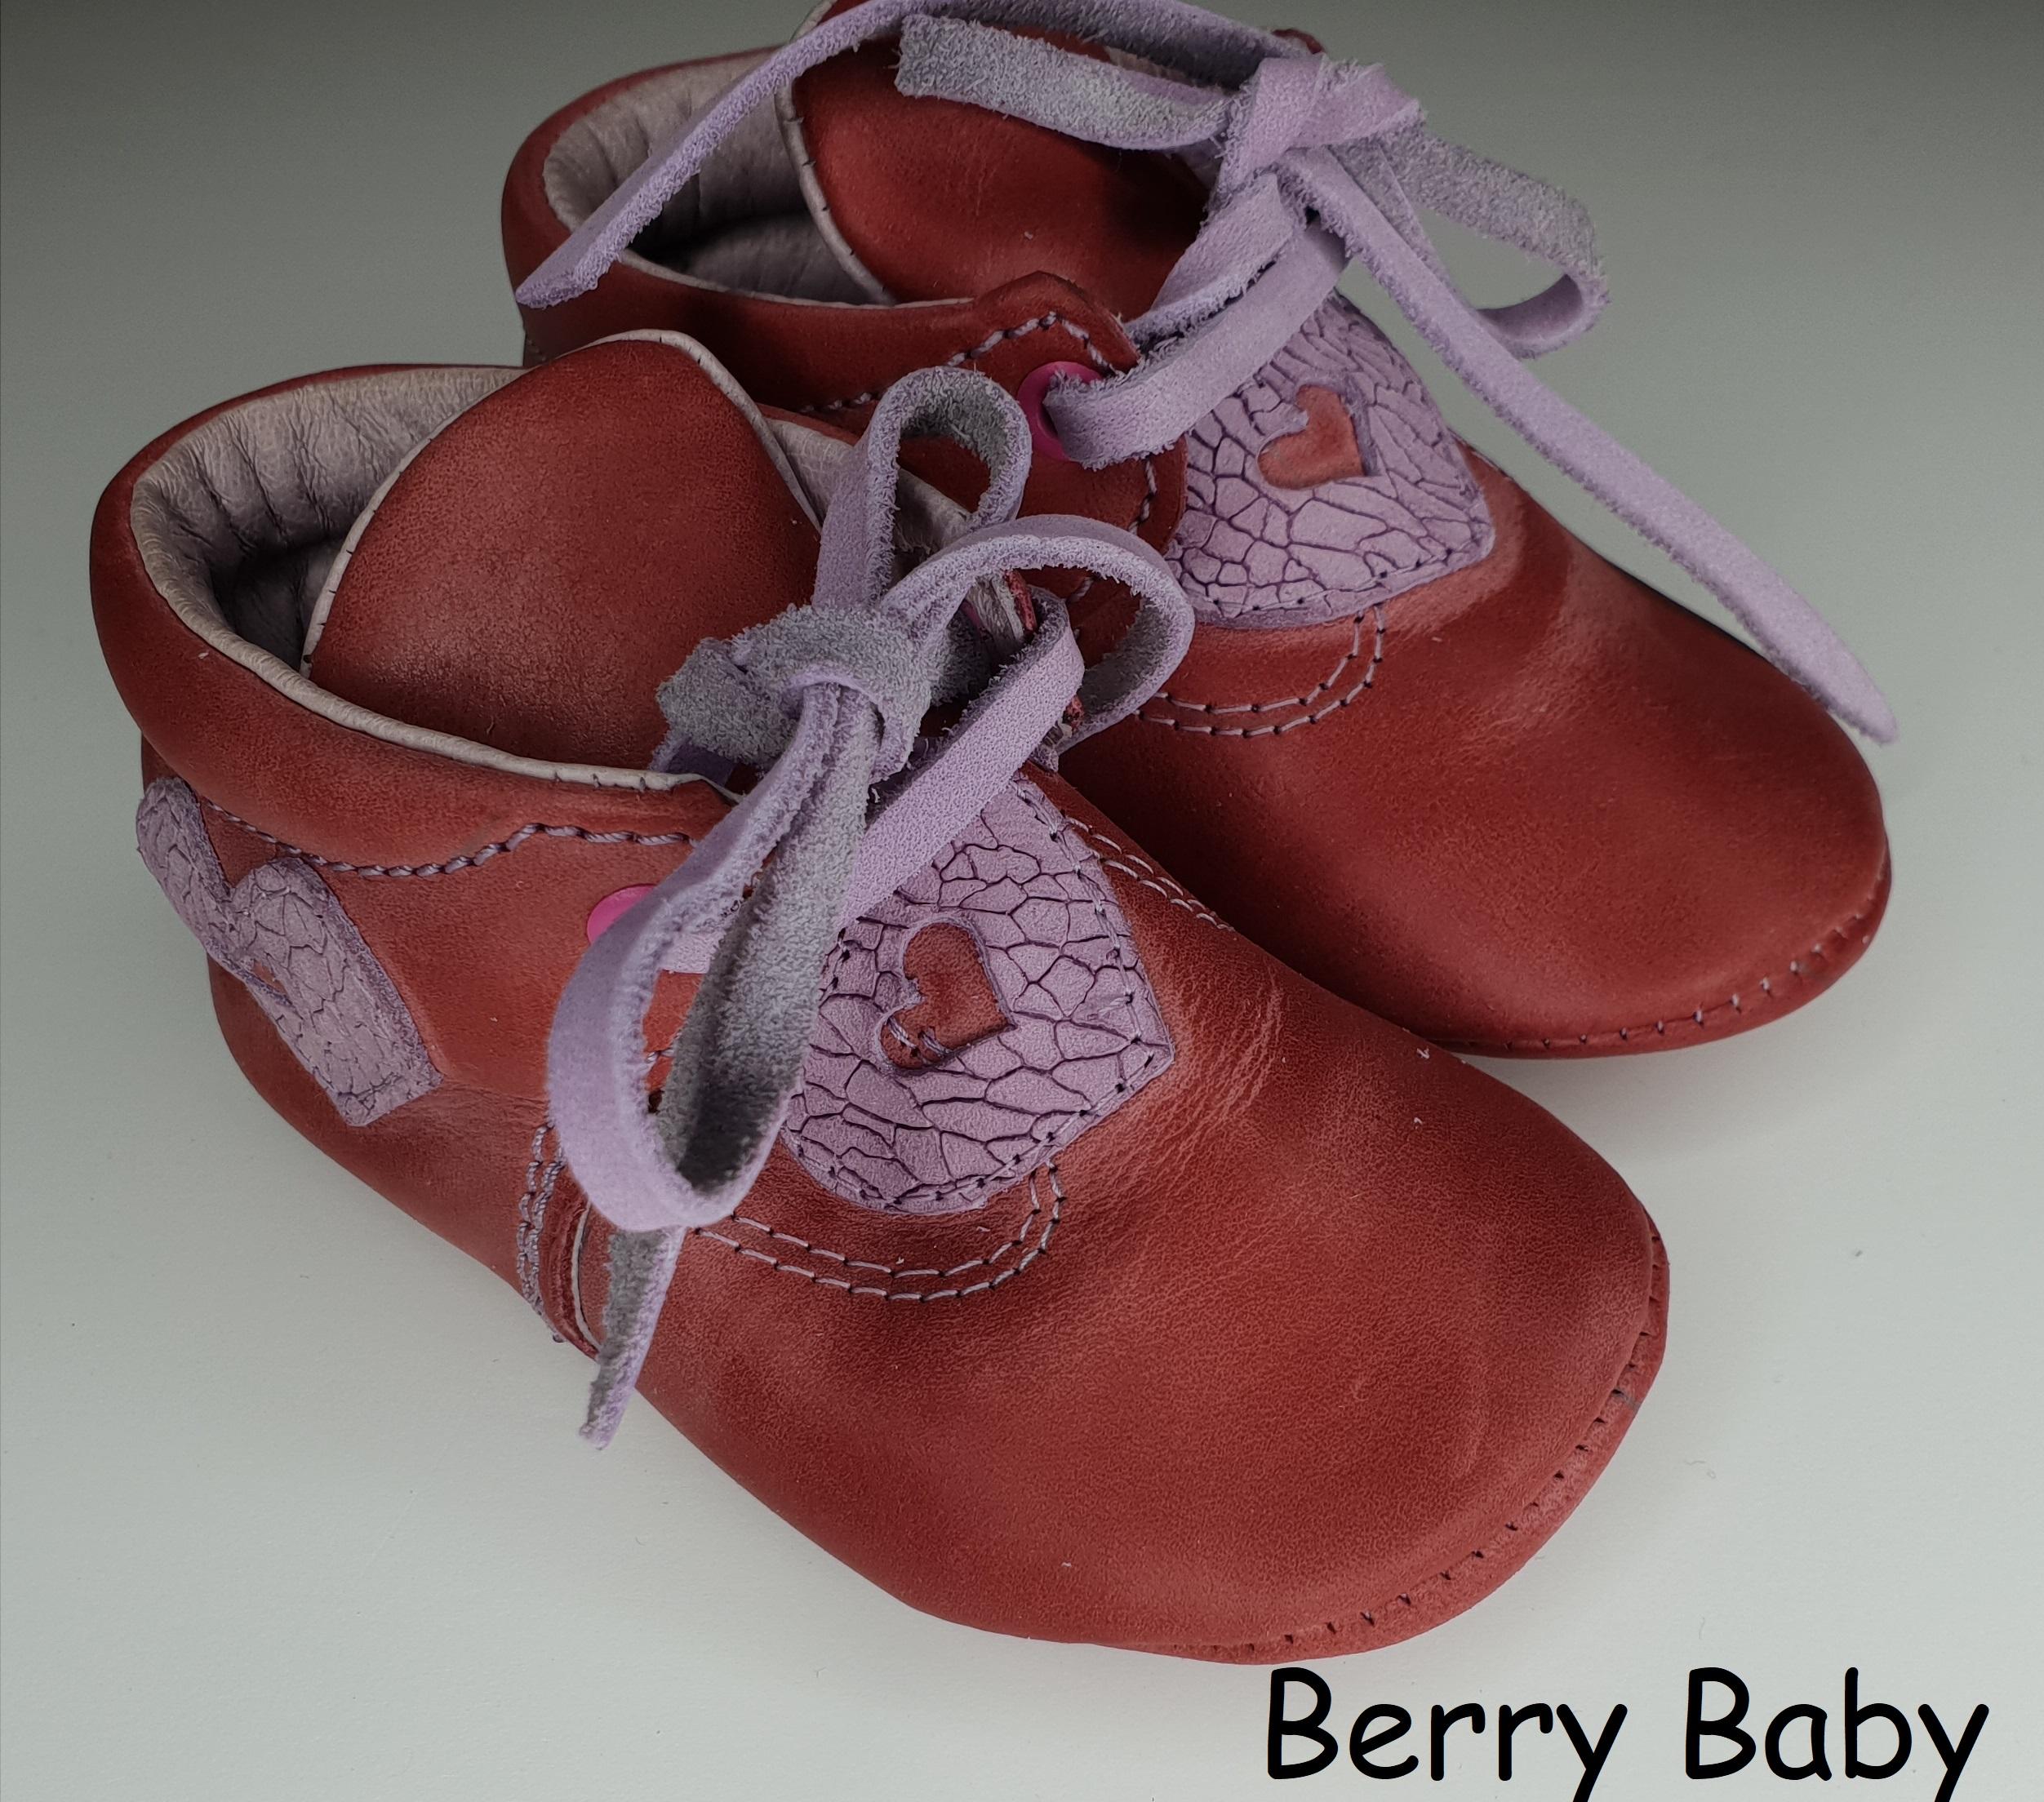 dcd047a166 19-es: Piros szíves puha talpú bőr kocsicipő, szobacipő - Baba cipő- puha és  keménytalpú első kiscipő, kocsicipő- BERRY BABY